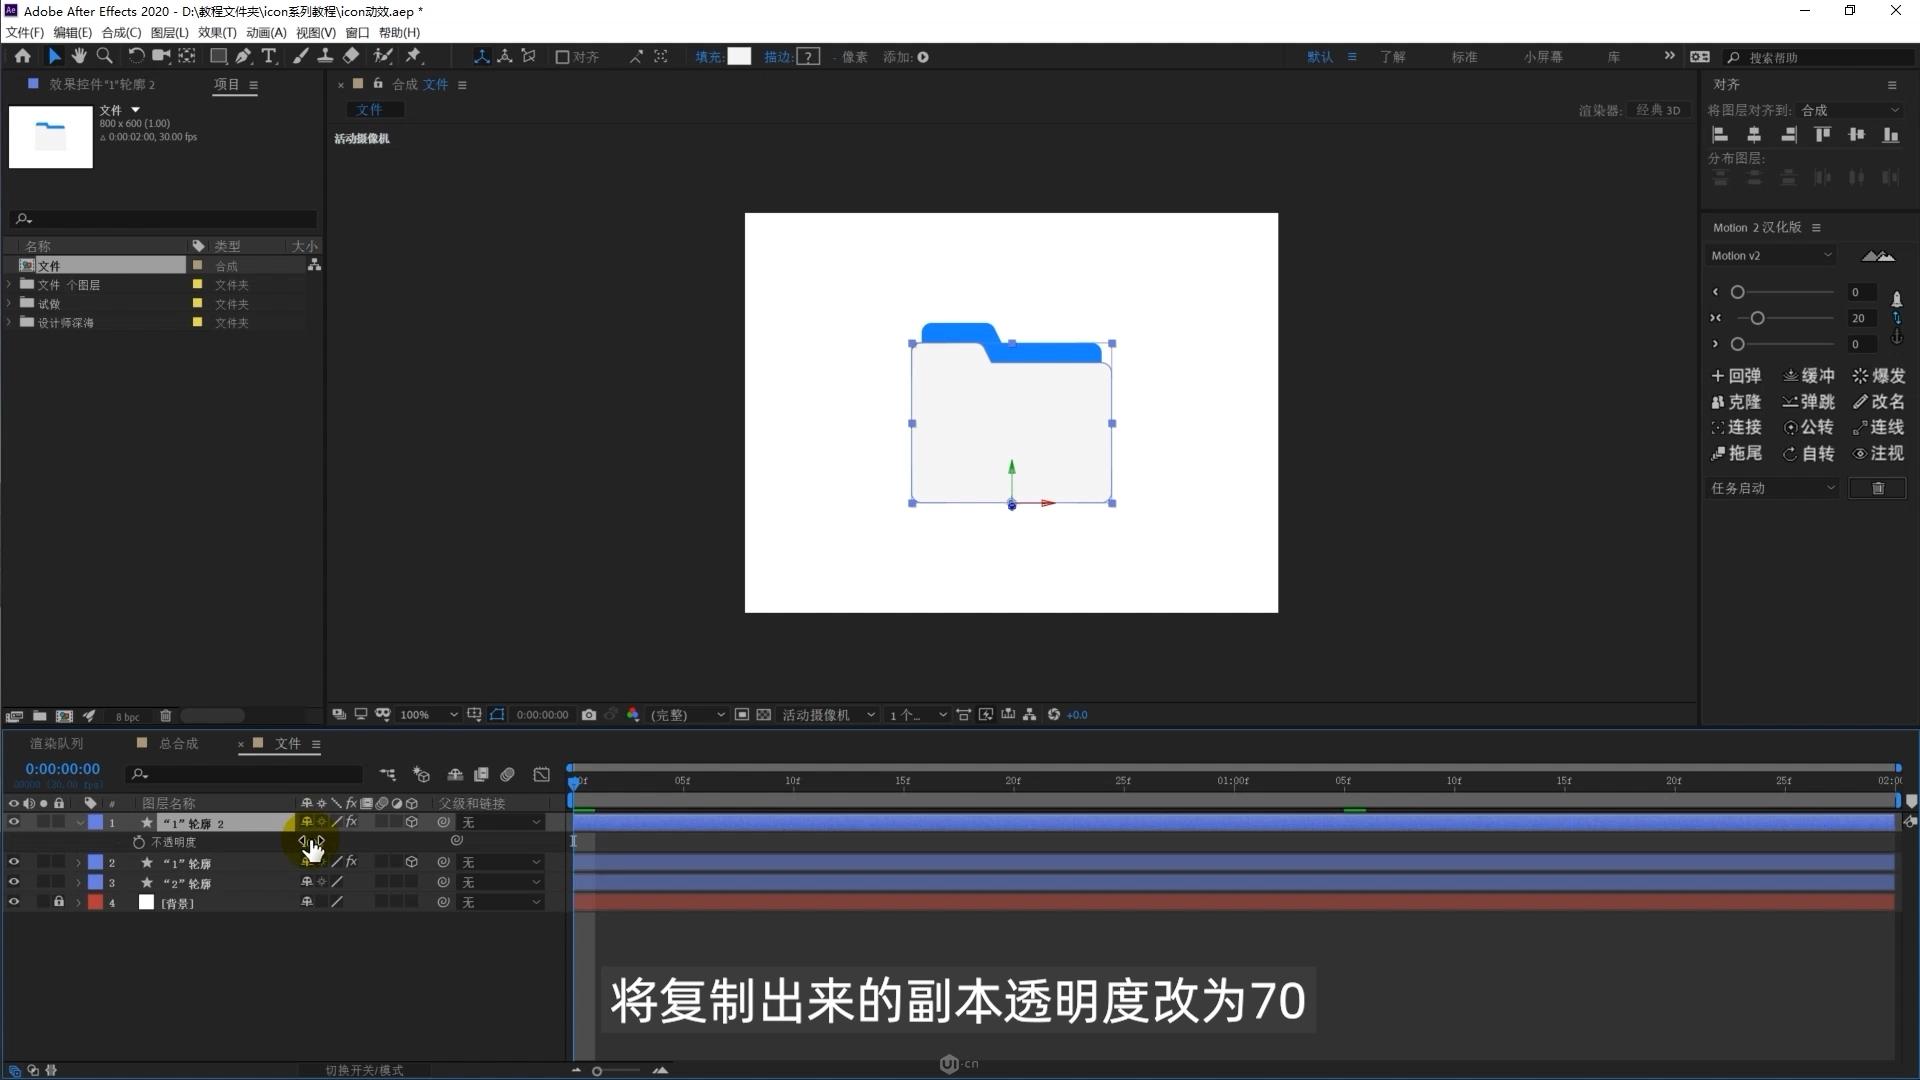 AE如何制作毛玻璃风格图标动效(12)